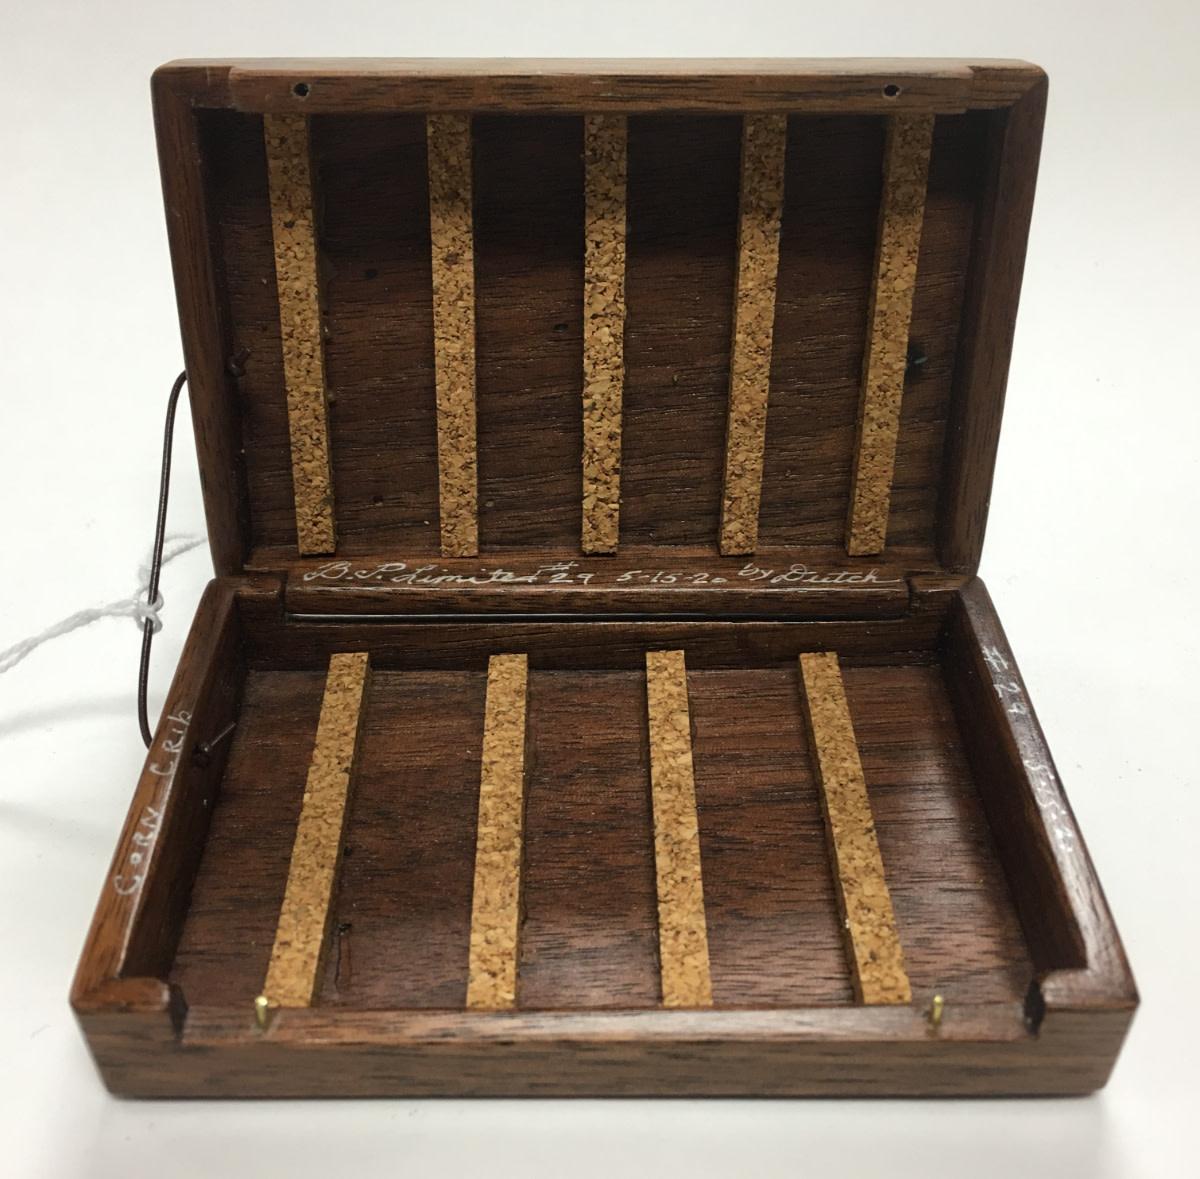 Dutch Box - B.P. Limited #29 - Corn Crib Walnut